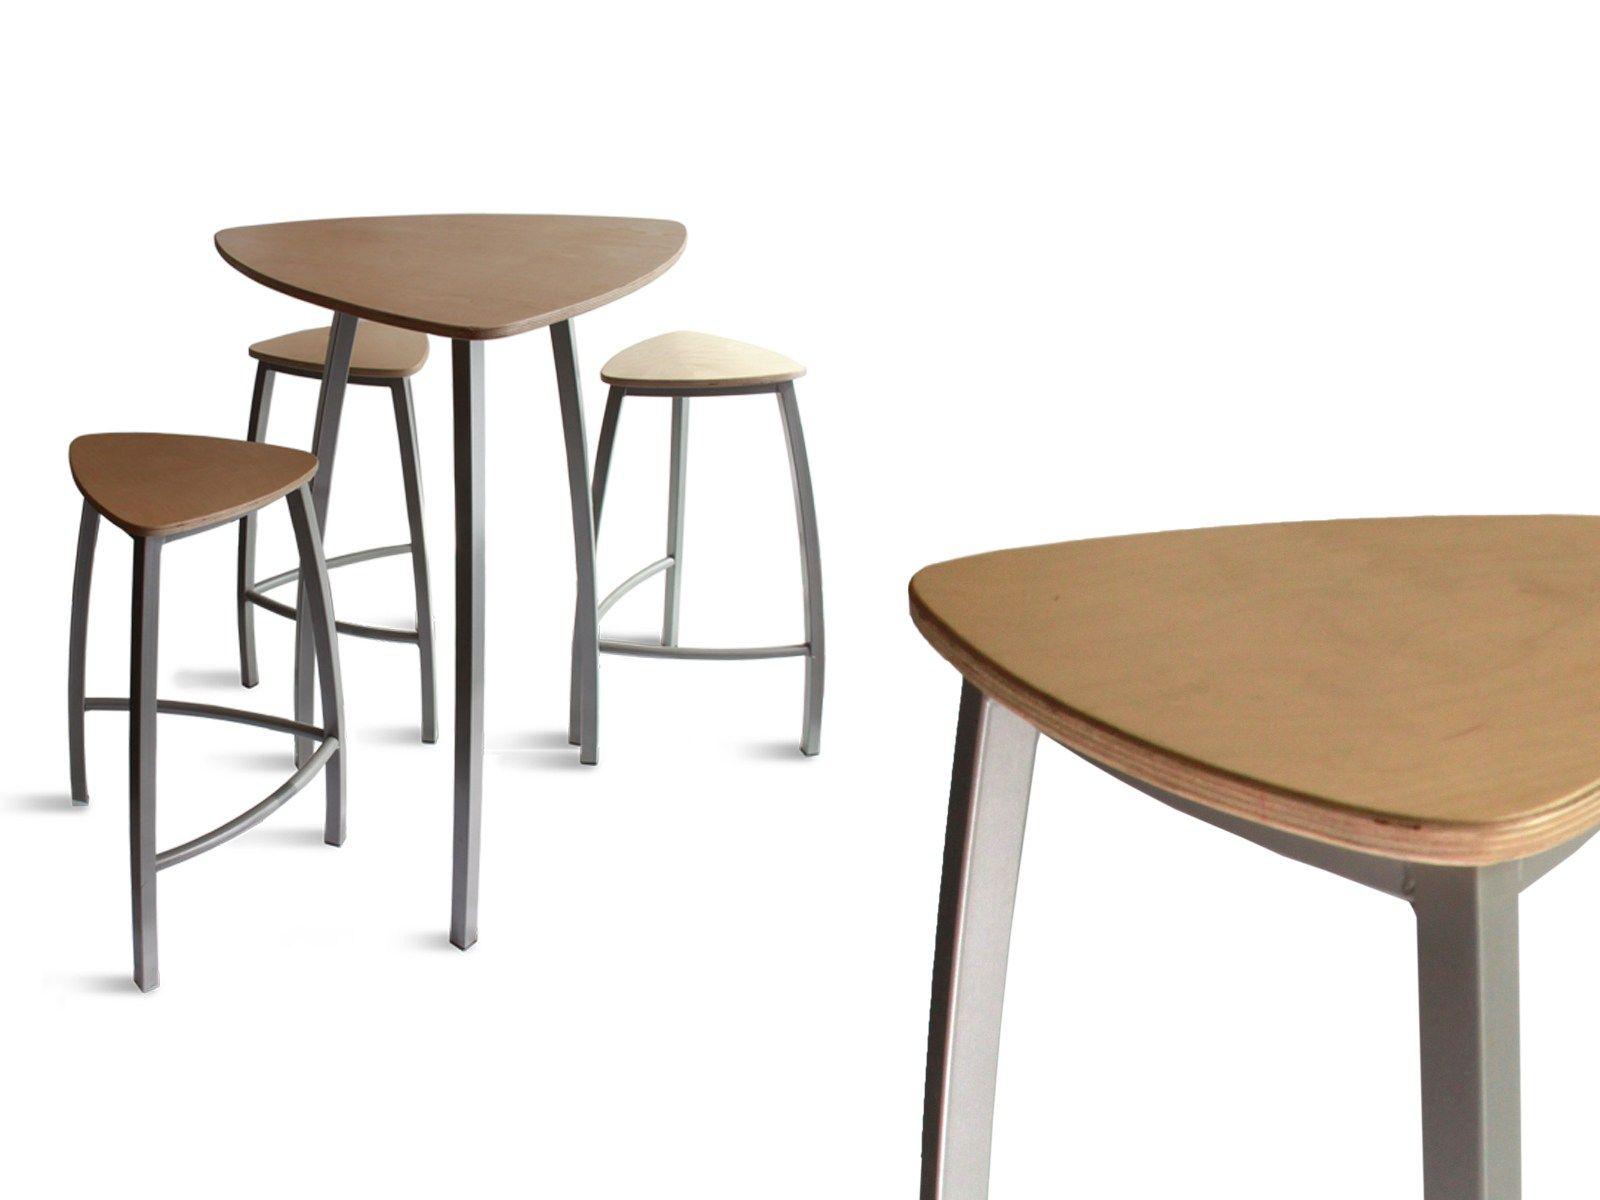 Sgabello Alto Con Poggiapiedi DELTA Sgabello Collection Maison #8B6A40 1600 1200 Ikea Tavoli Con Sedie